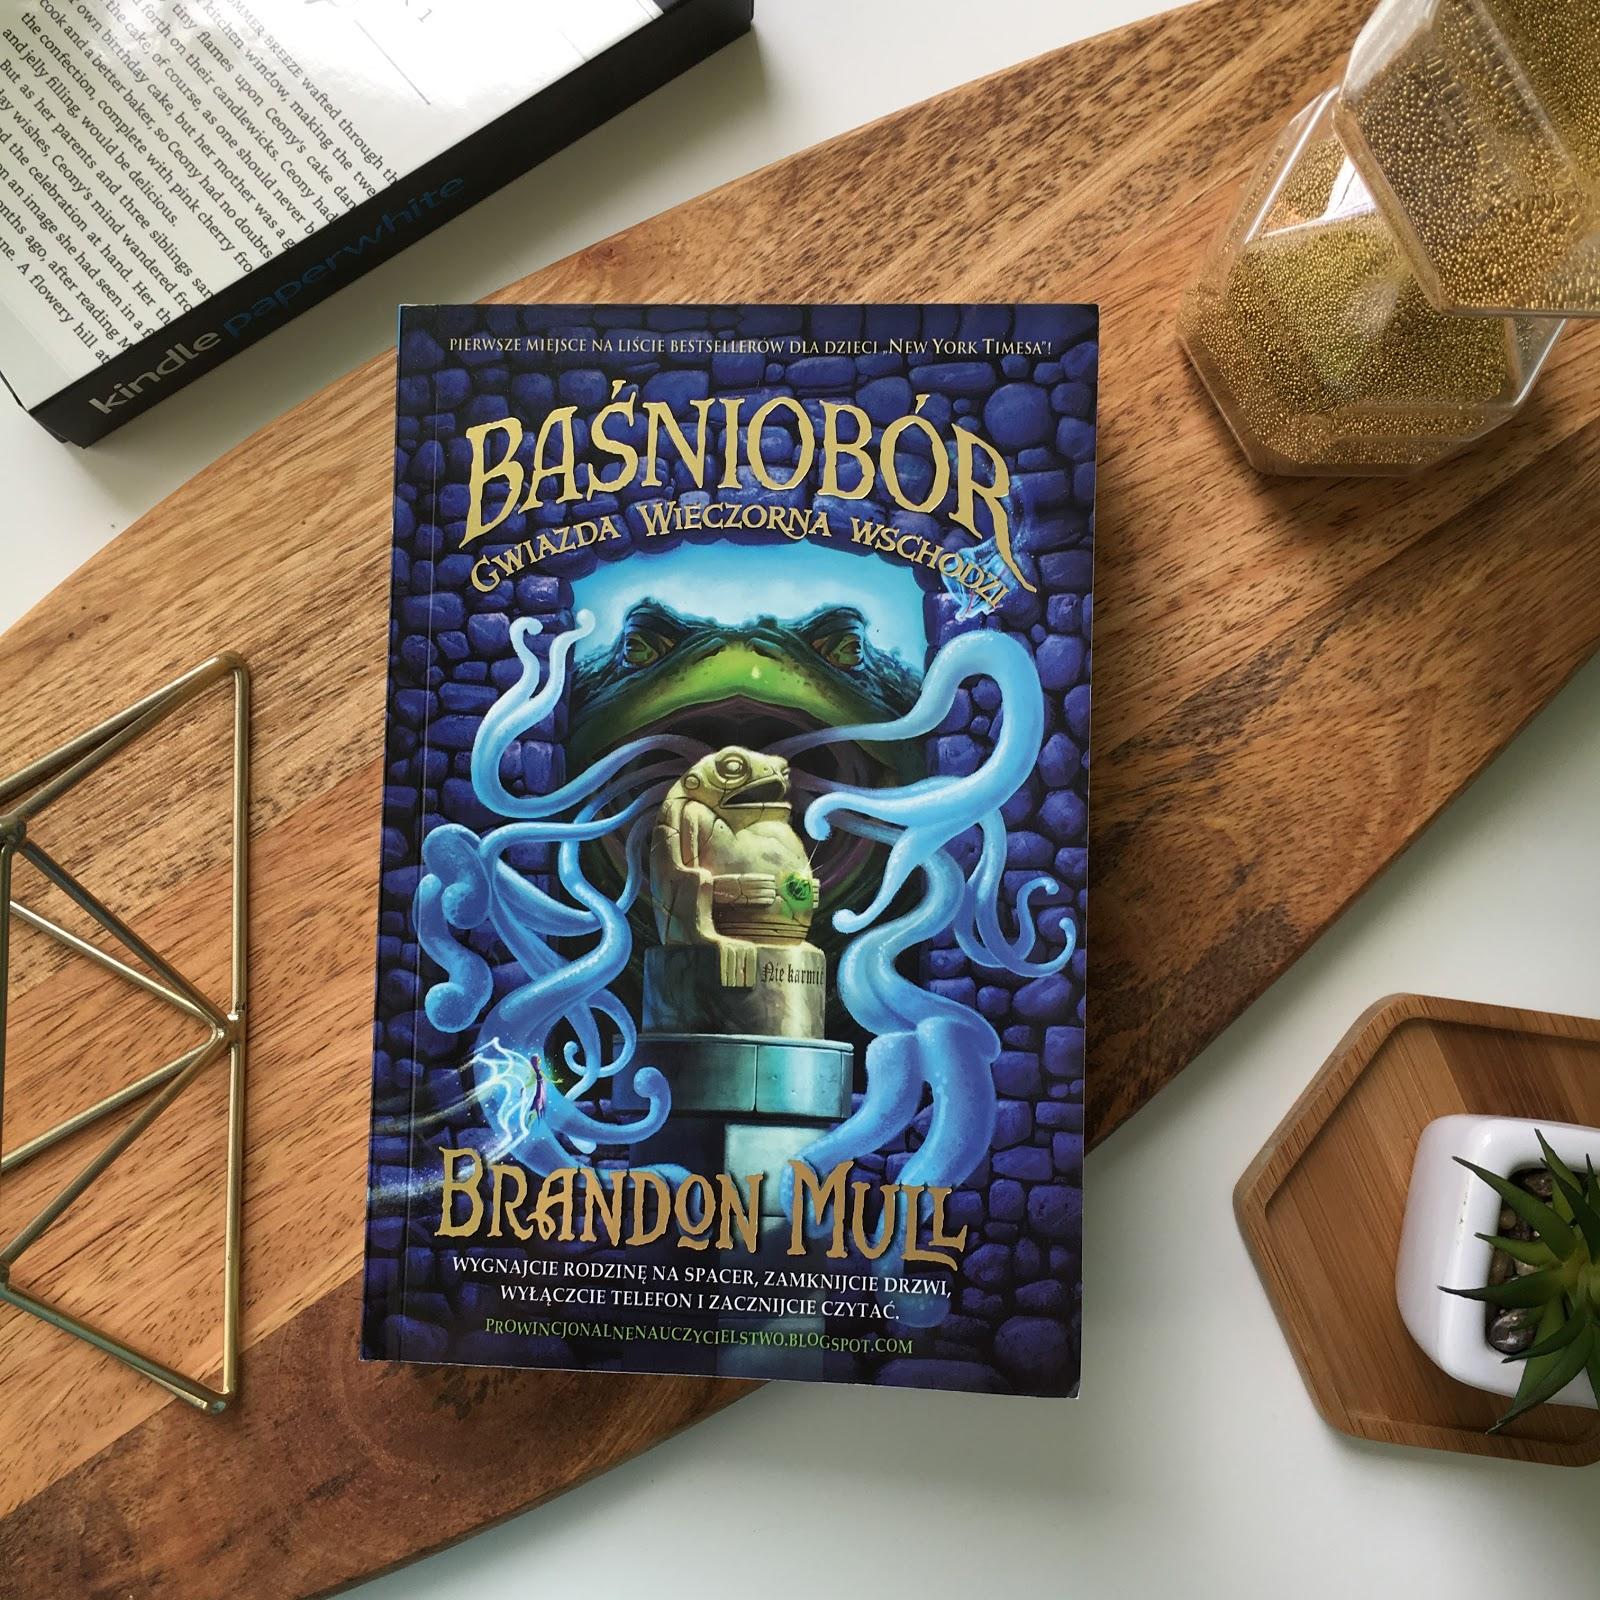 Moje wrażenia świeżo po przeczytaniu 2 tomu Baśnioboru, czyli Gwiazda wieczorna wschodzi, Brandon Mull.